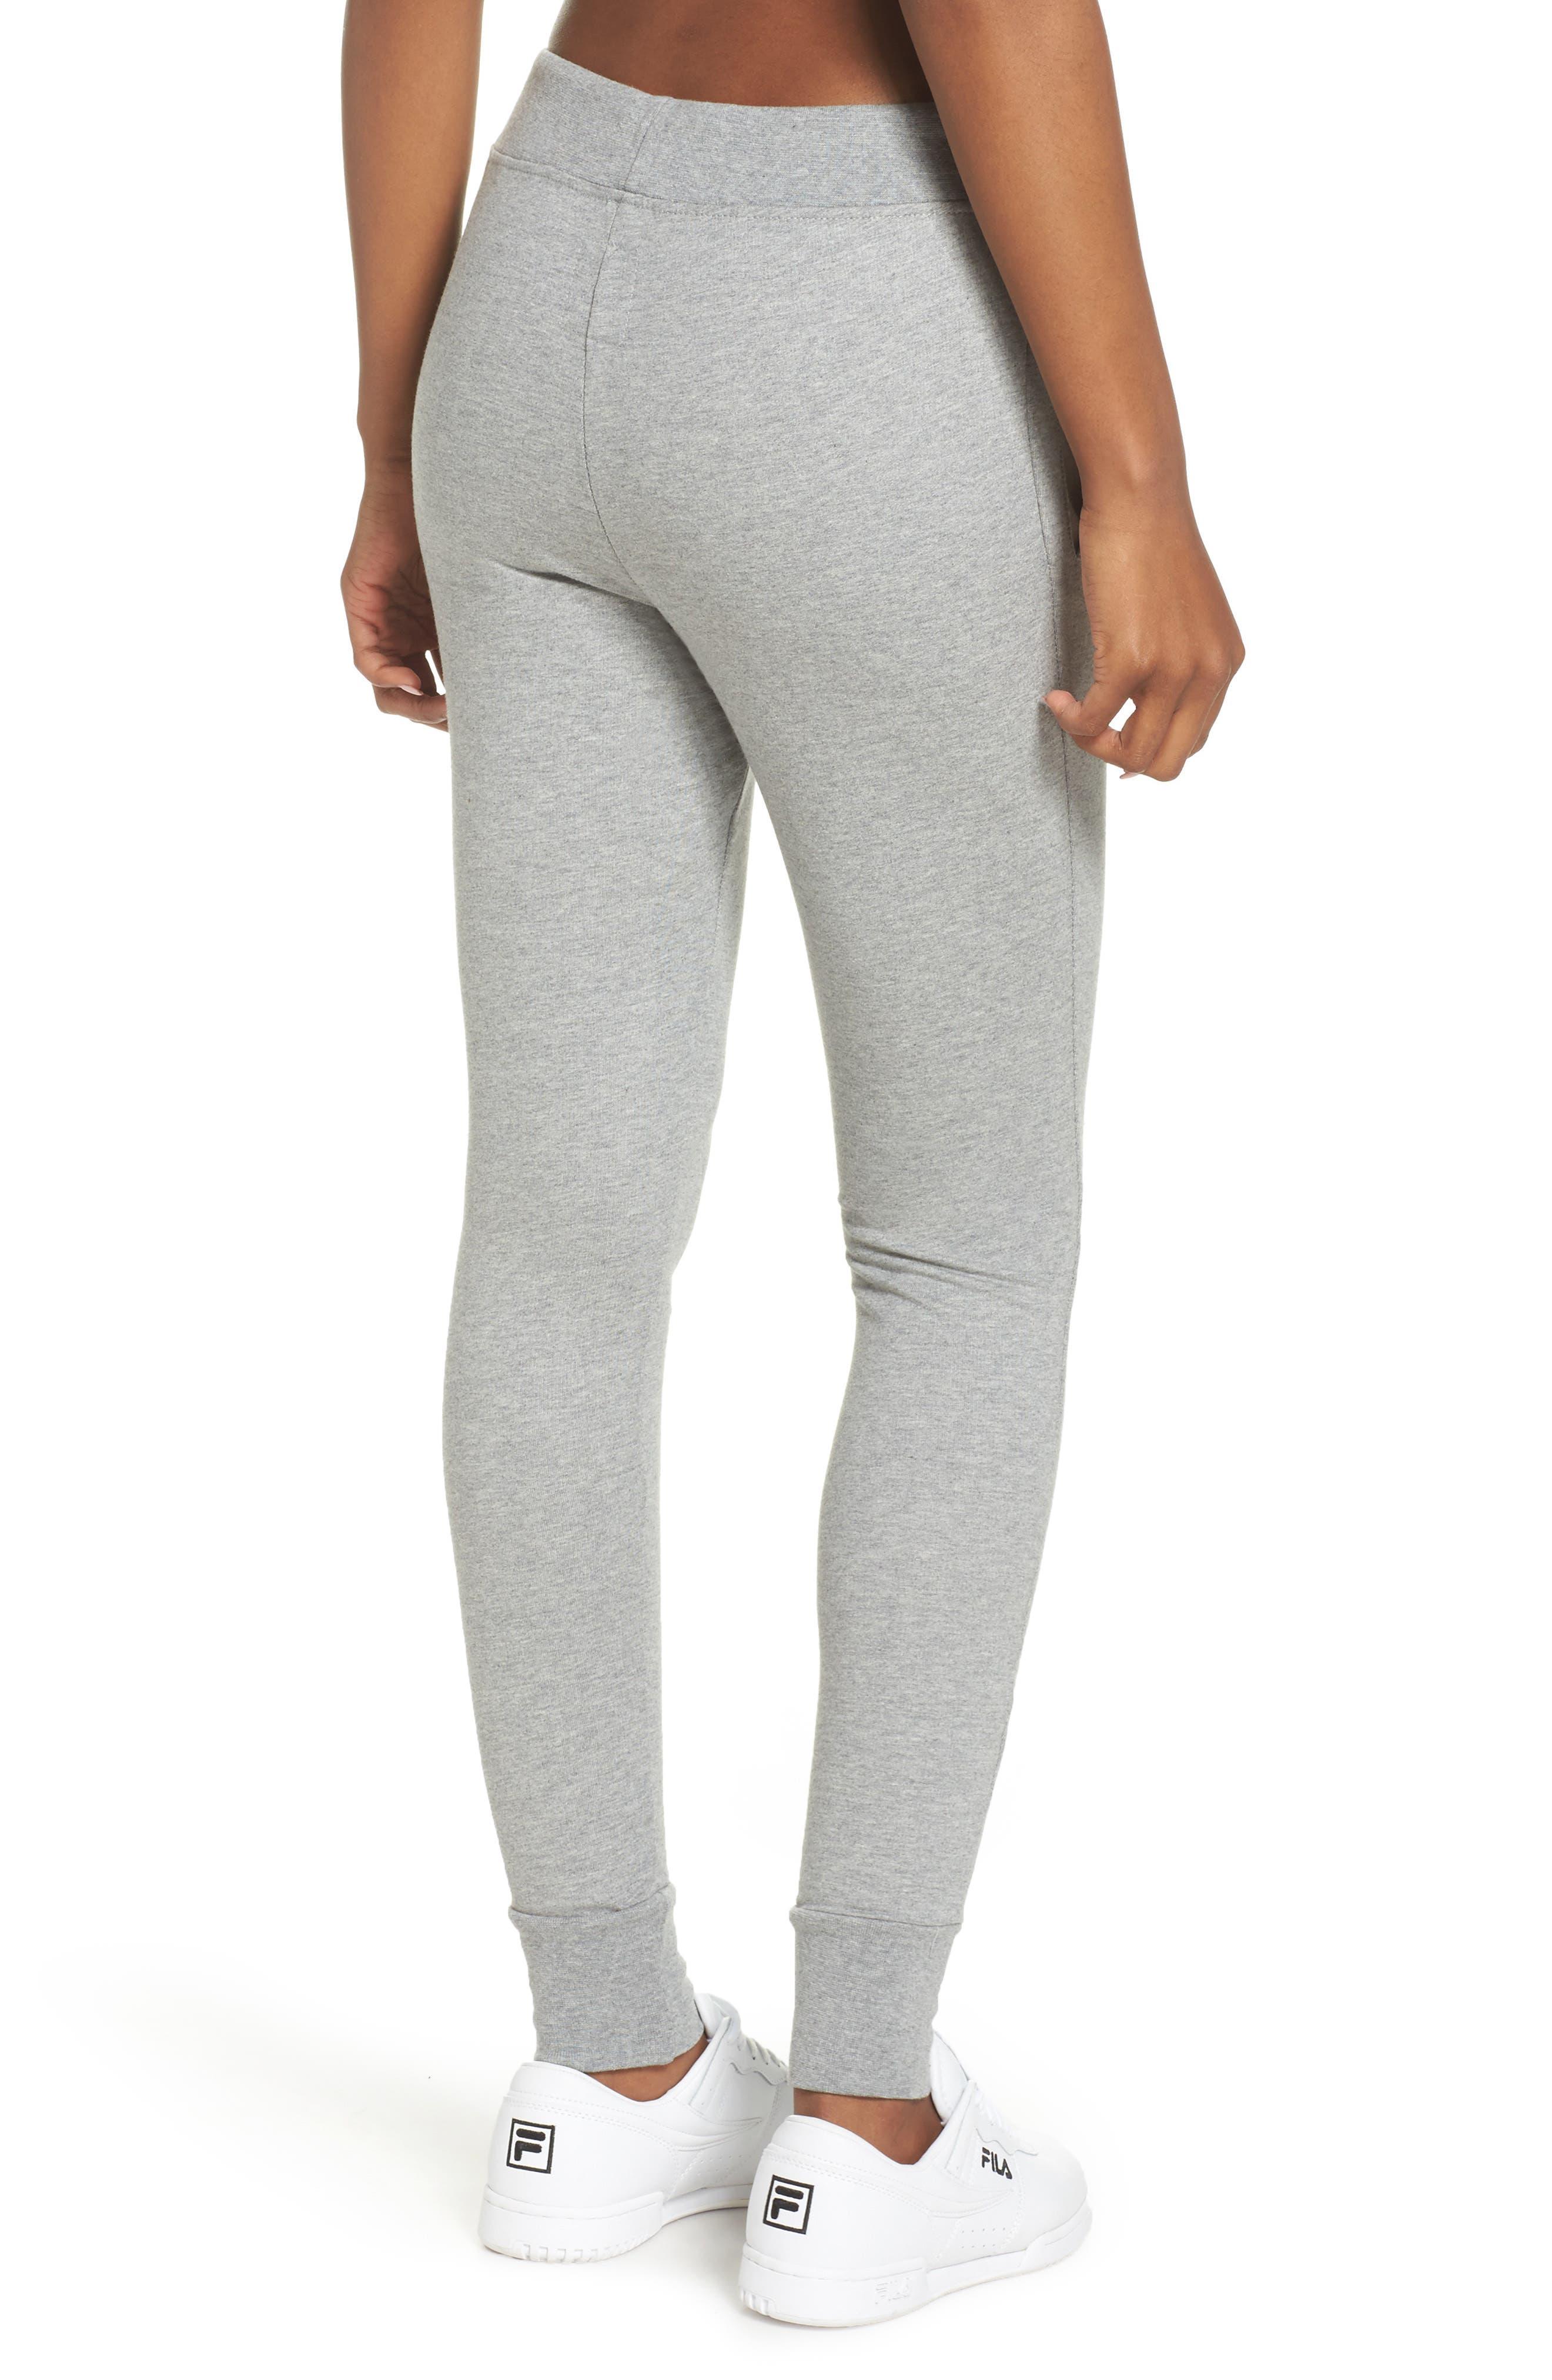 Authentic Cresta Slim Fit Sweatpants,                             Alternate thumbnail 2, color,